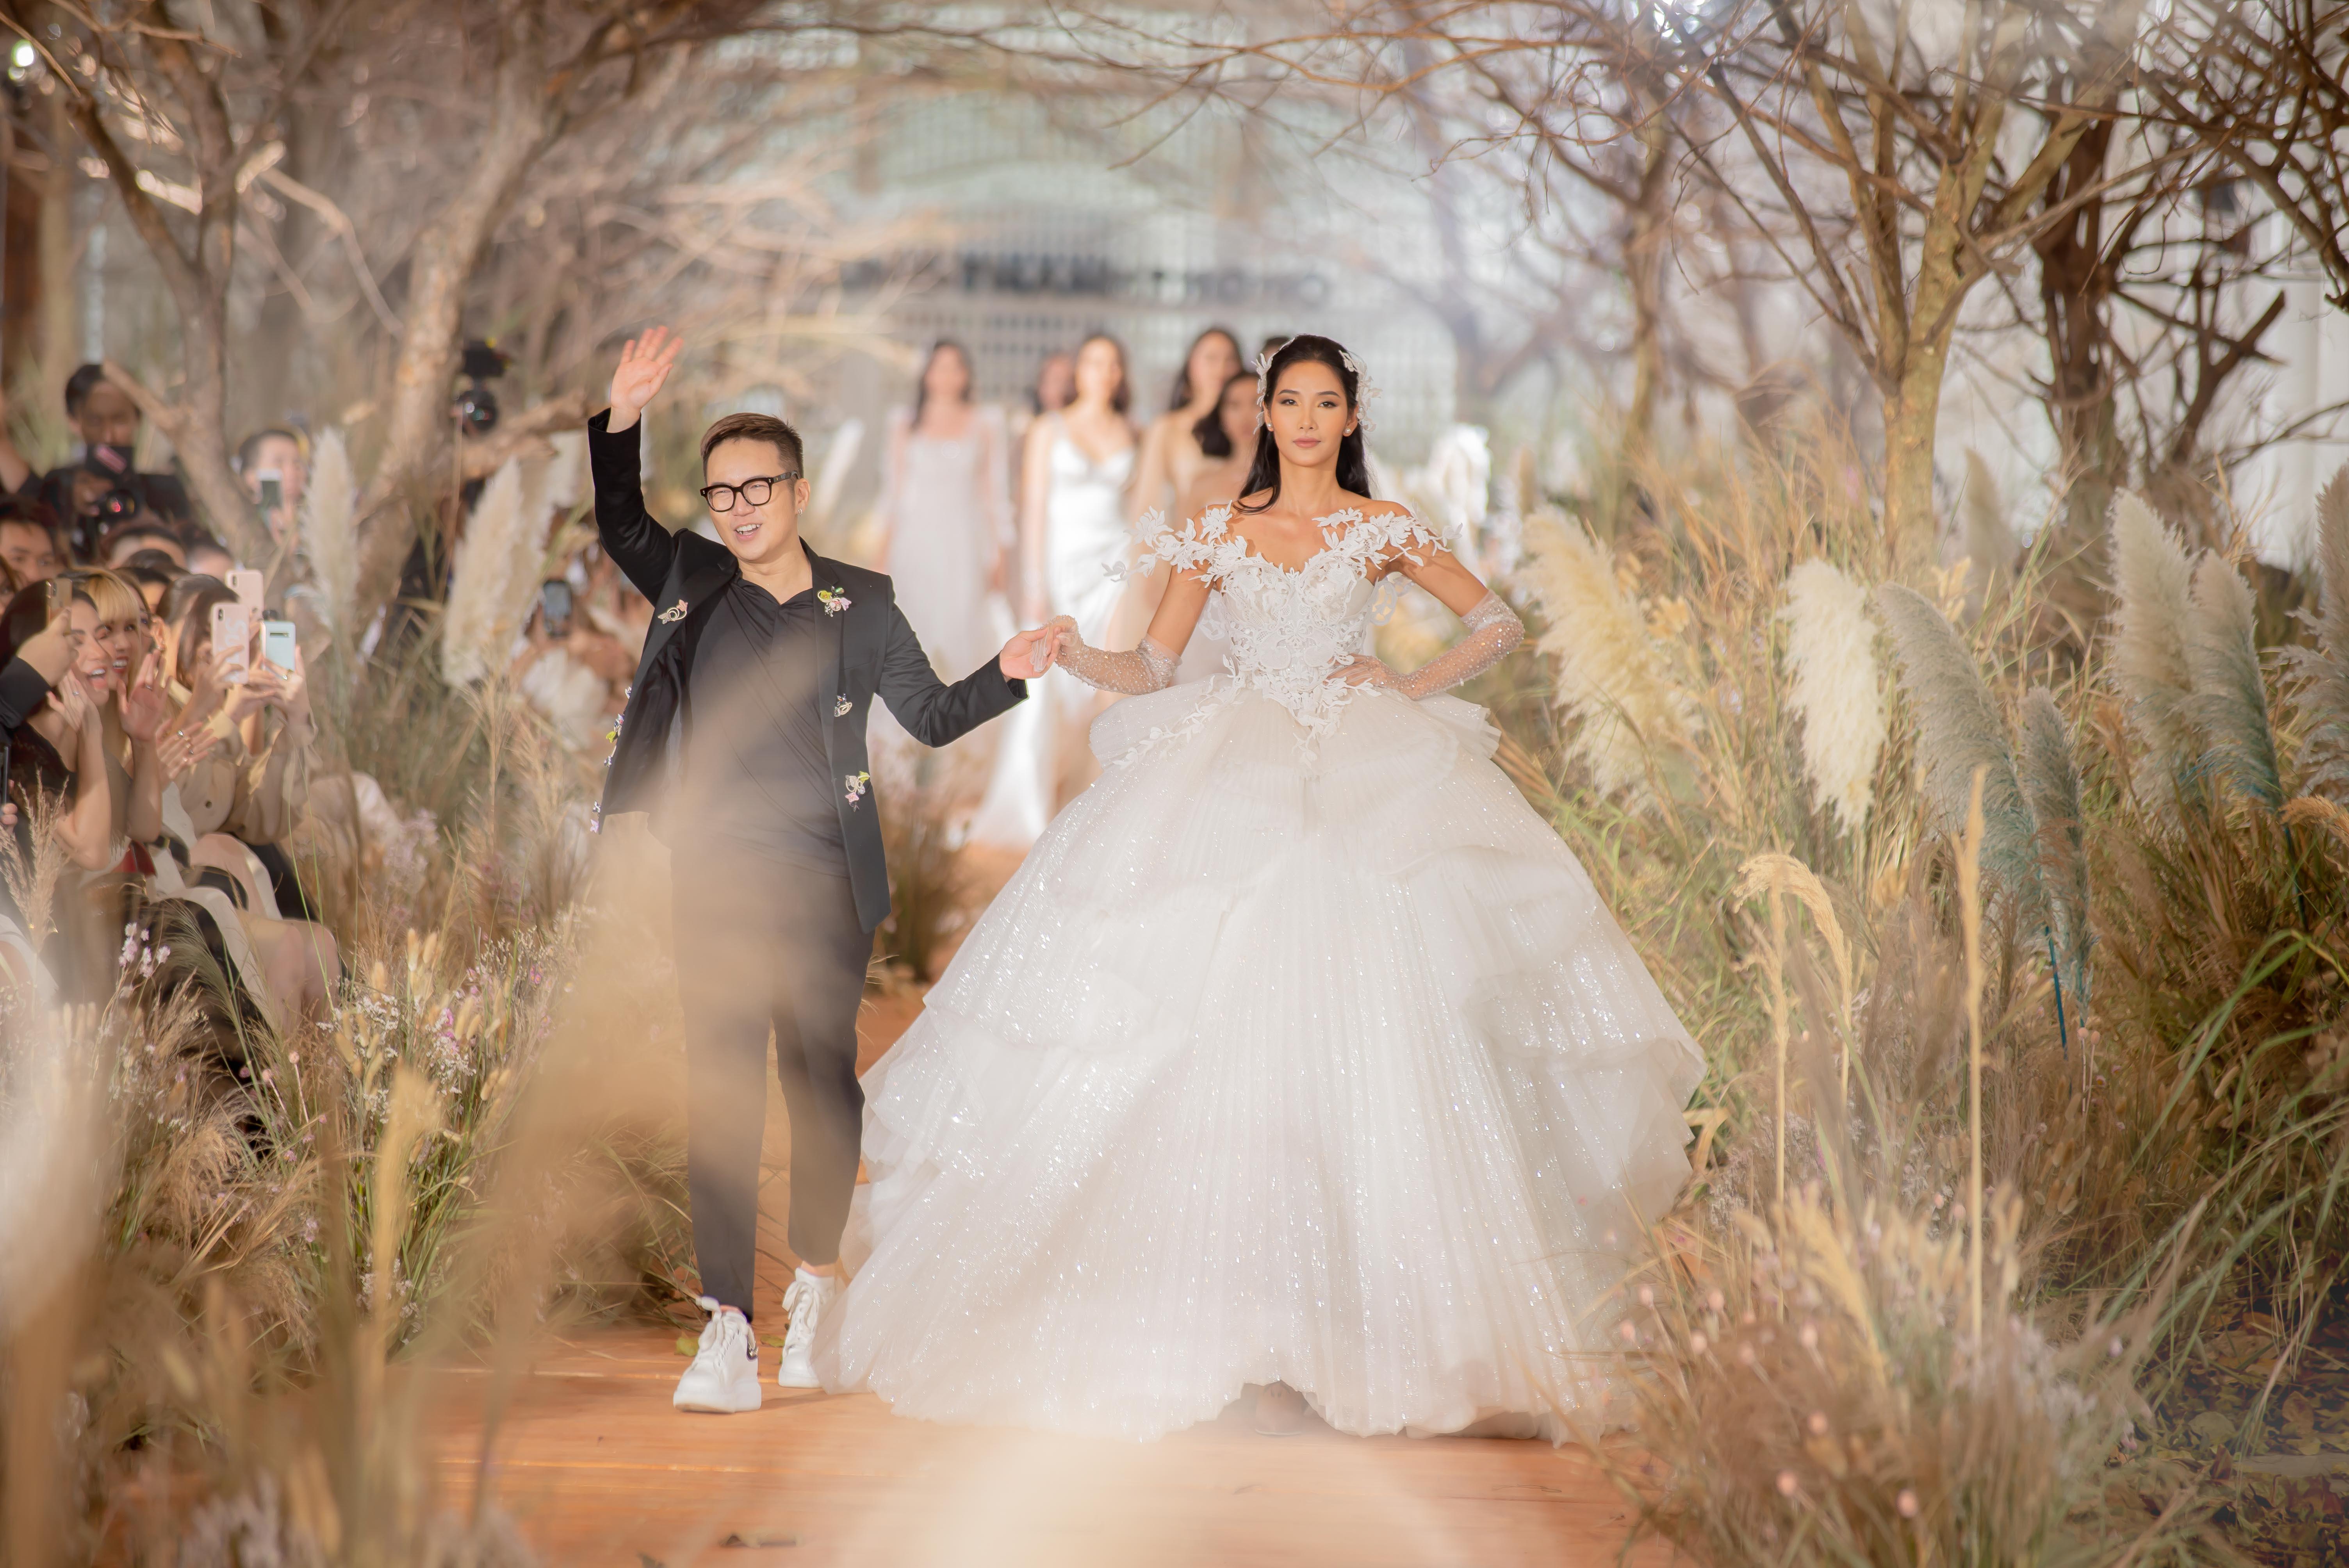 Hoàng Thùy làm vedette show thời trang cưới của Chung Thanh Phong